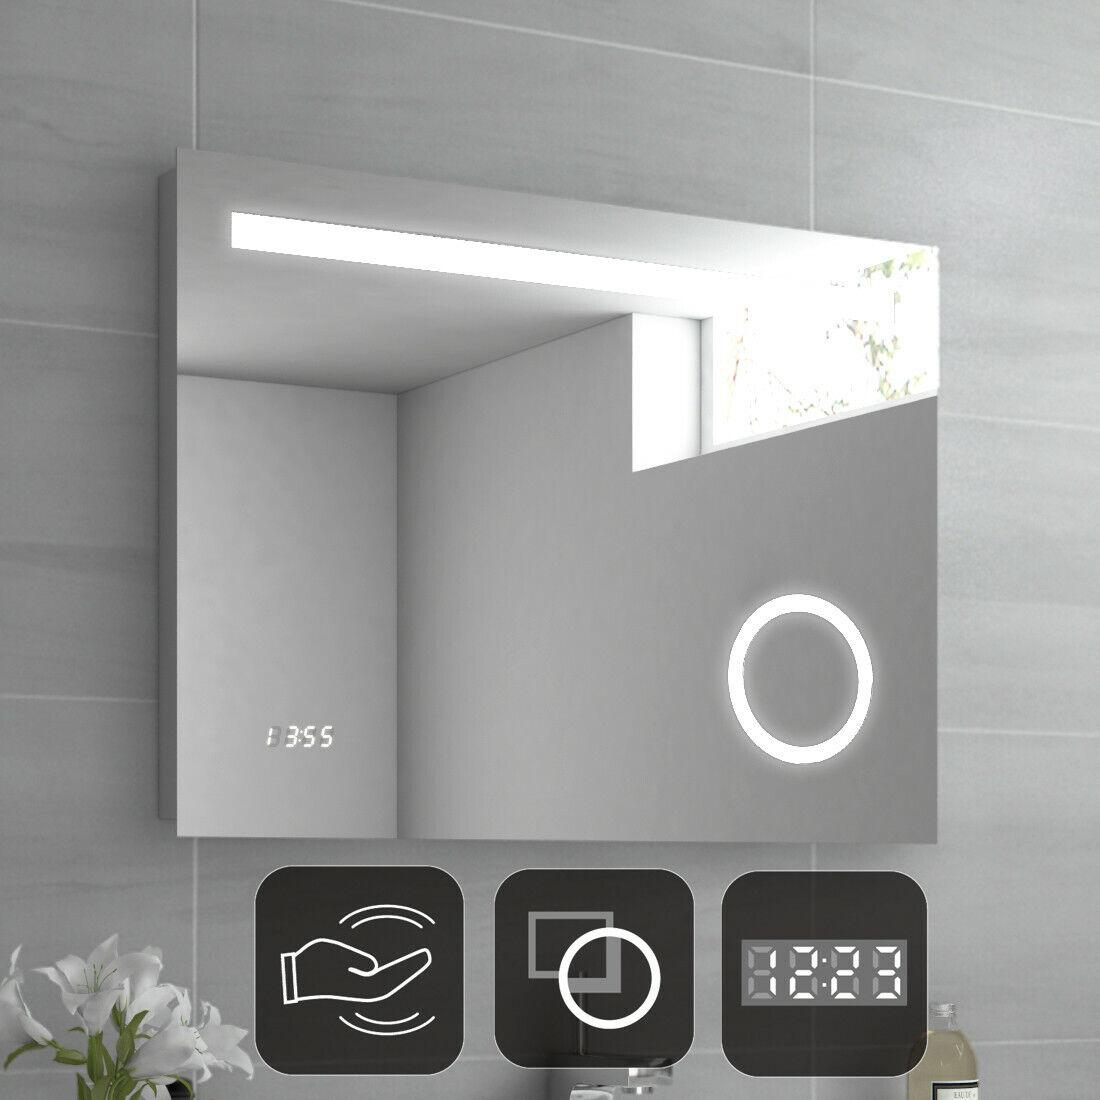 Badspiegel mit LED Beleuchtung Sensor Schalter und Uhr Badezimmerspiegel 80x60cm